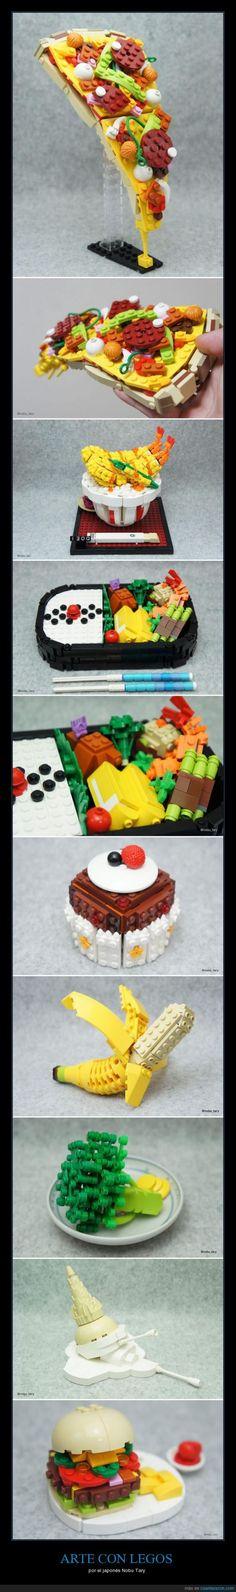 ARTE CON LEGOS - por el japonés Nobu Tary